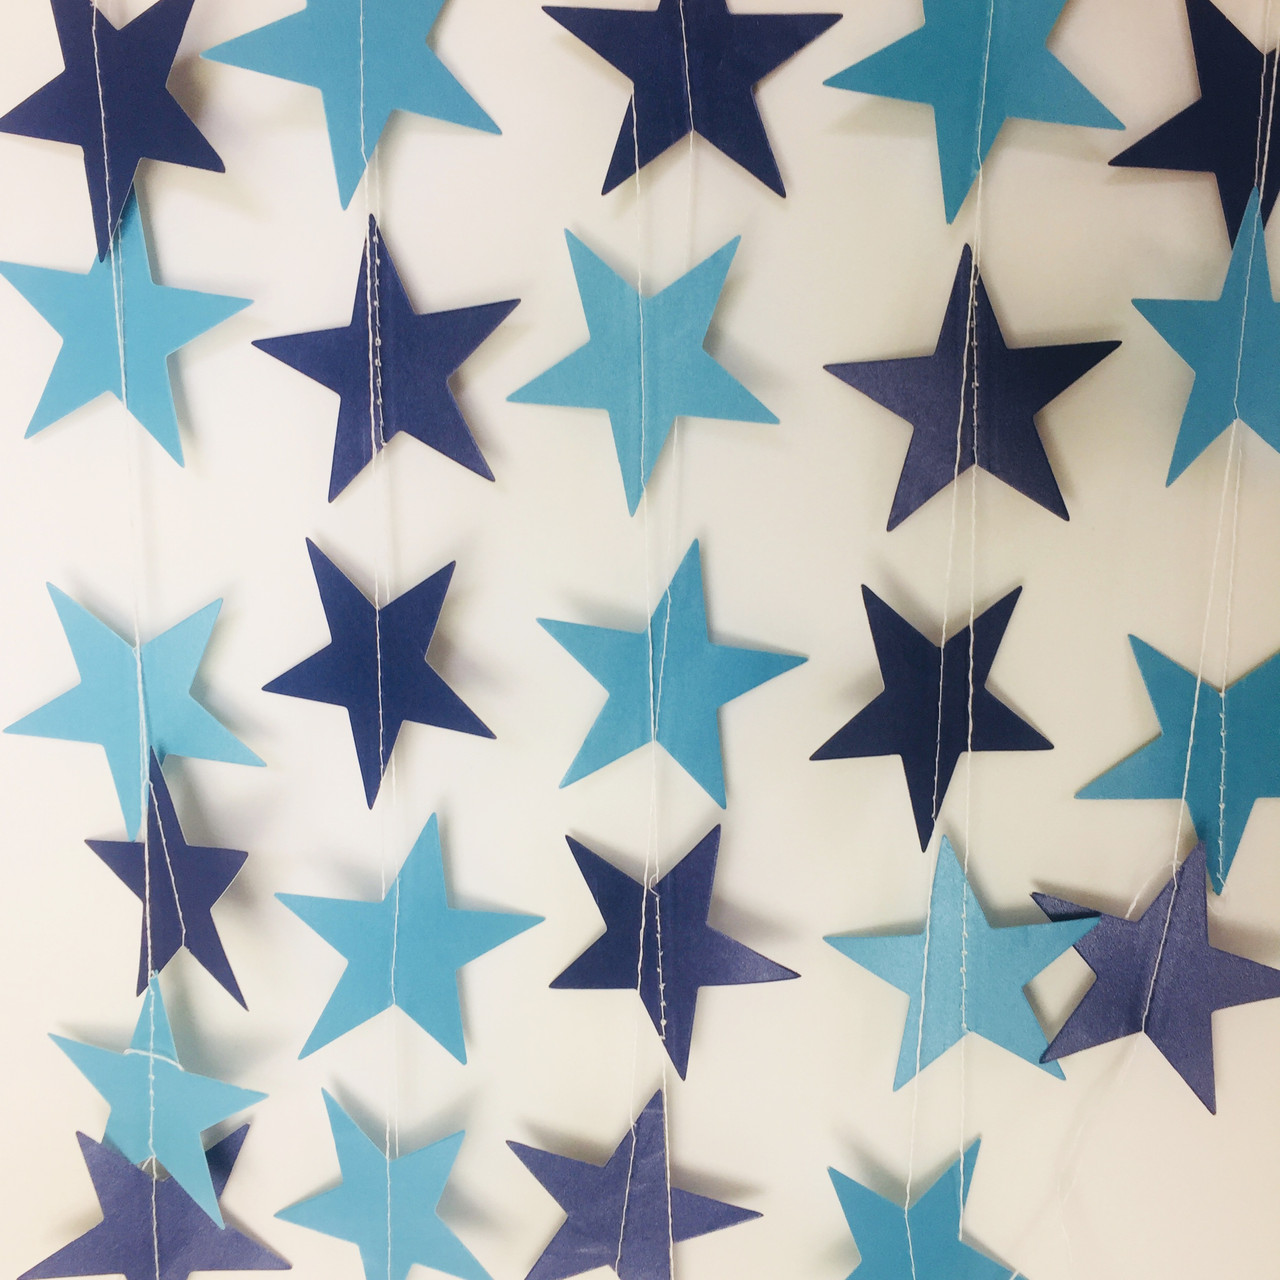 Гирлянда со звездочками для праздника и декора 4 метра сине-голубая